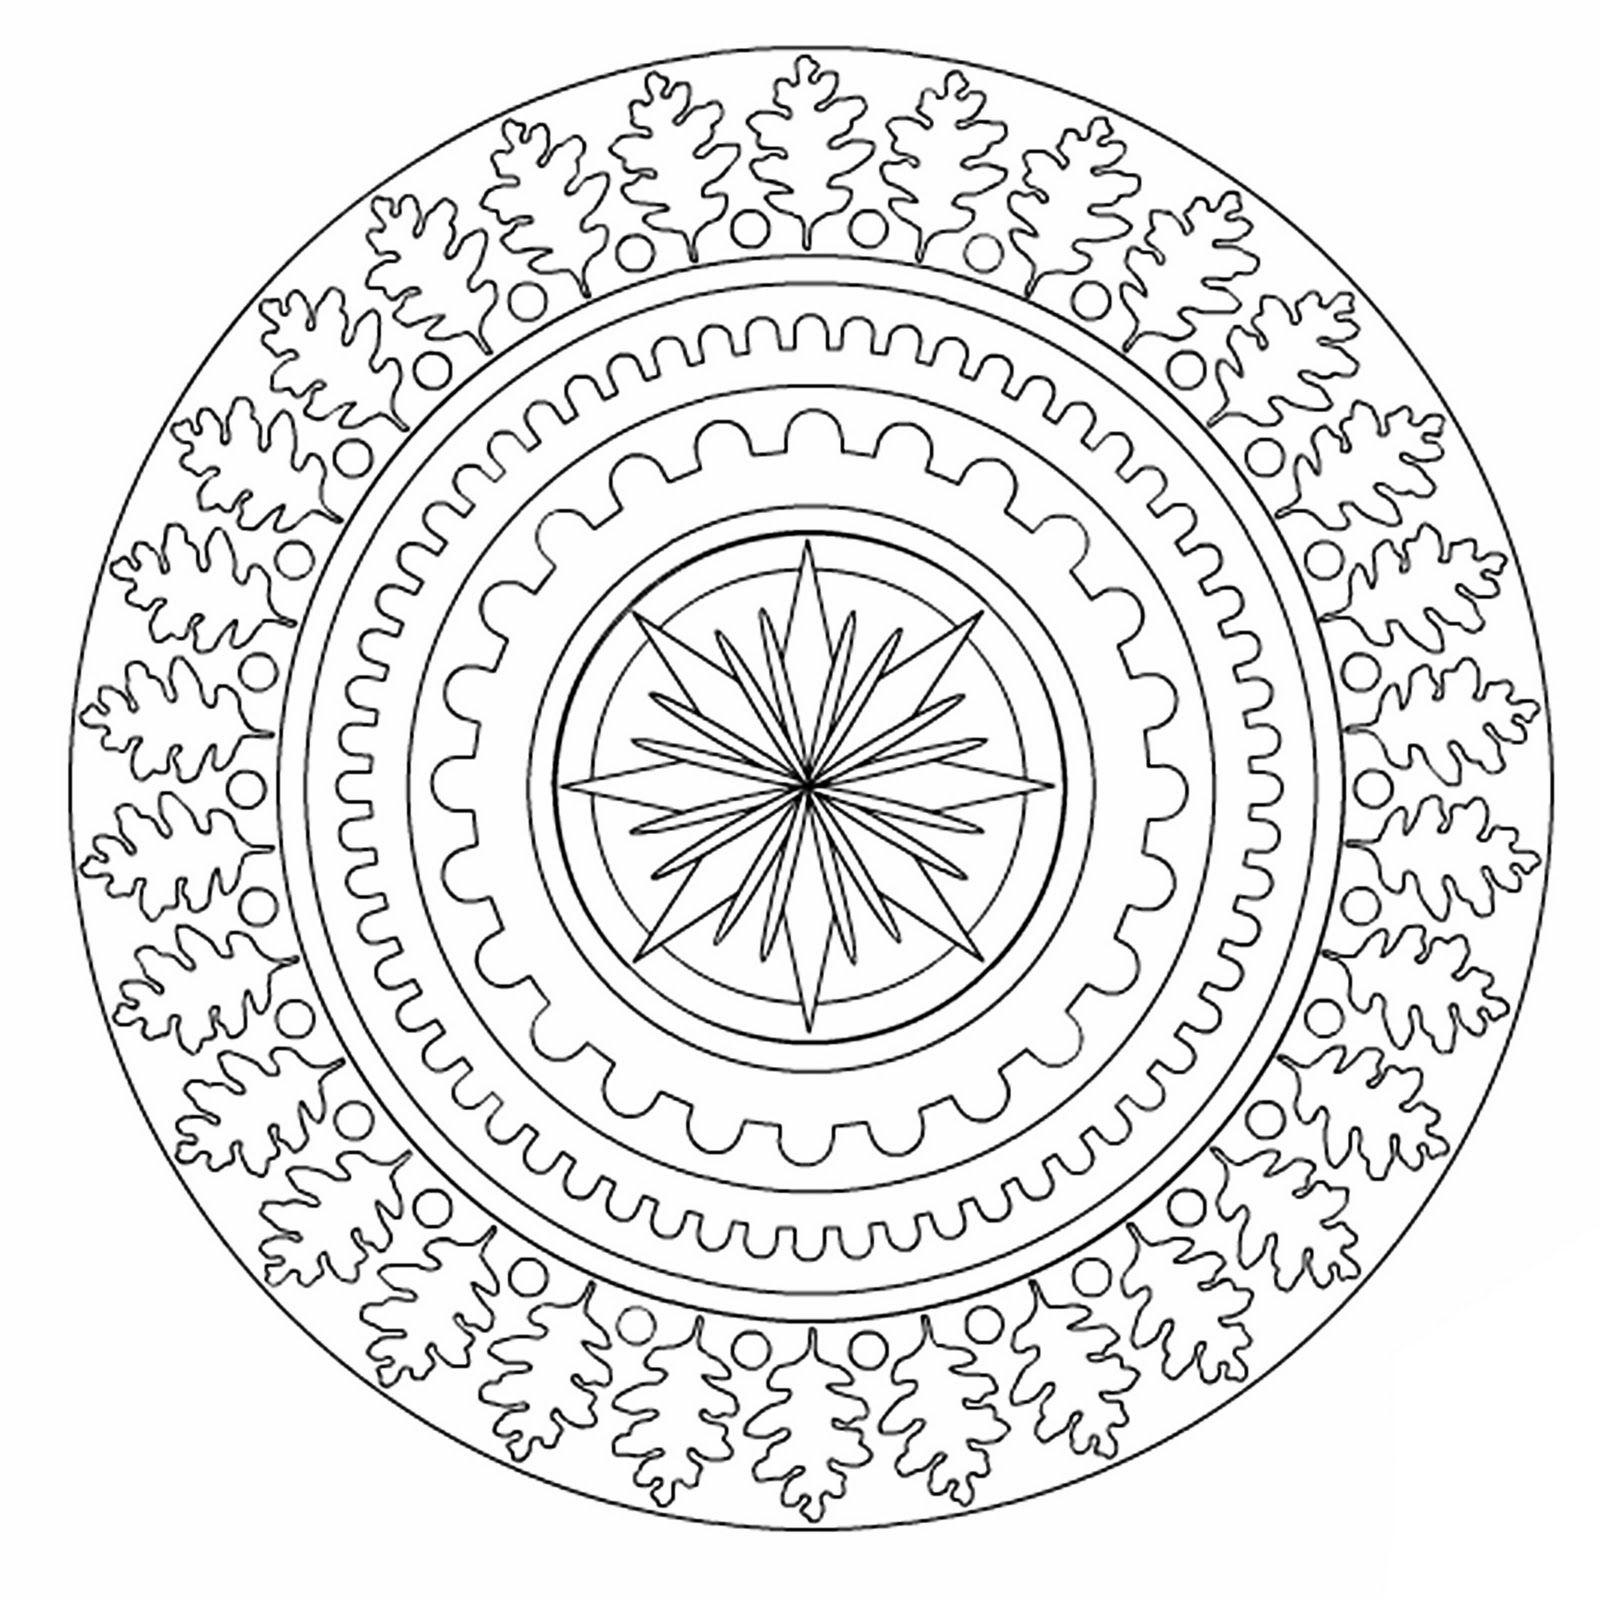 dibujos para colorear de mandalas | Mandalas | Pinterest | Colorear ...